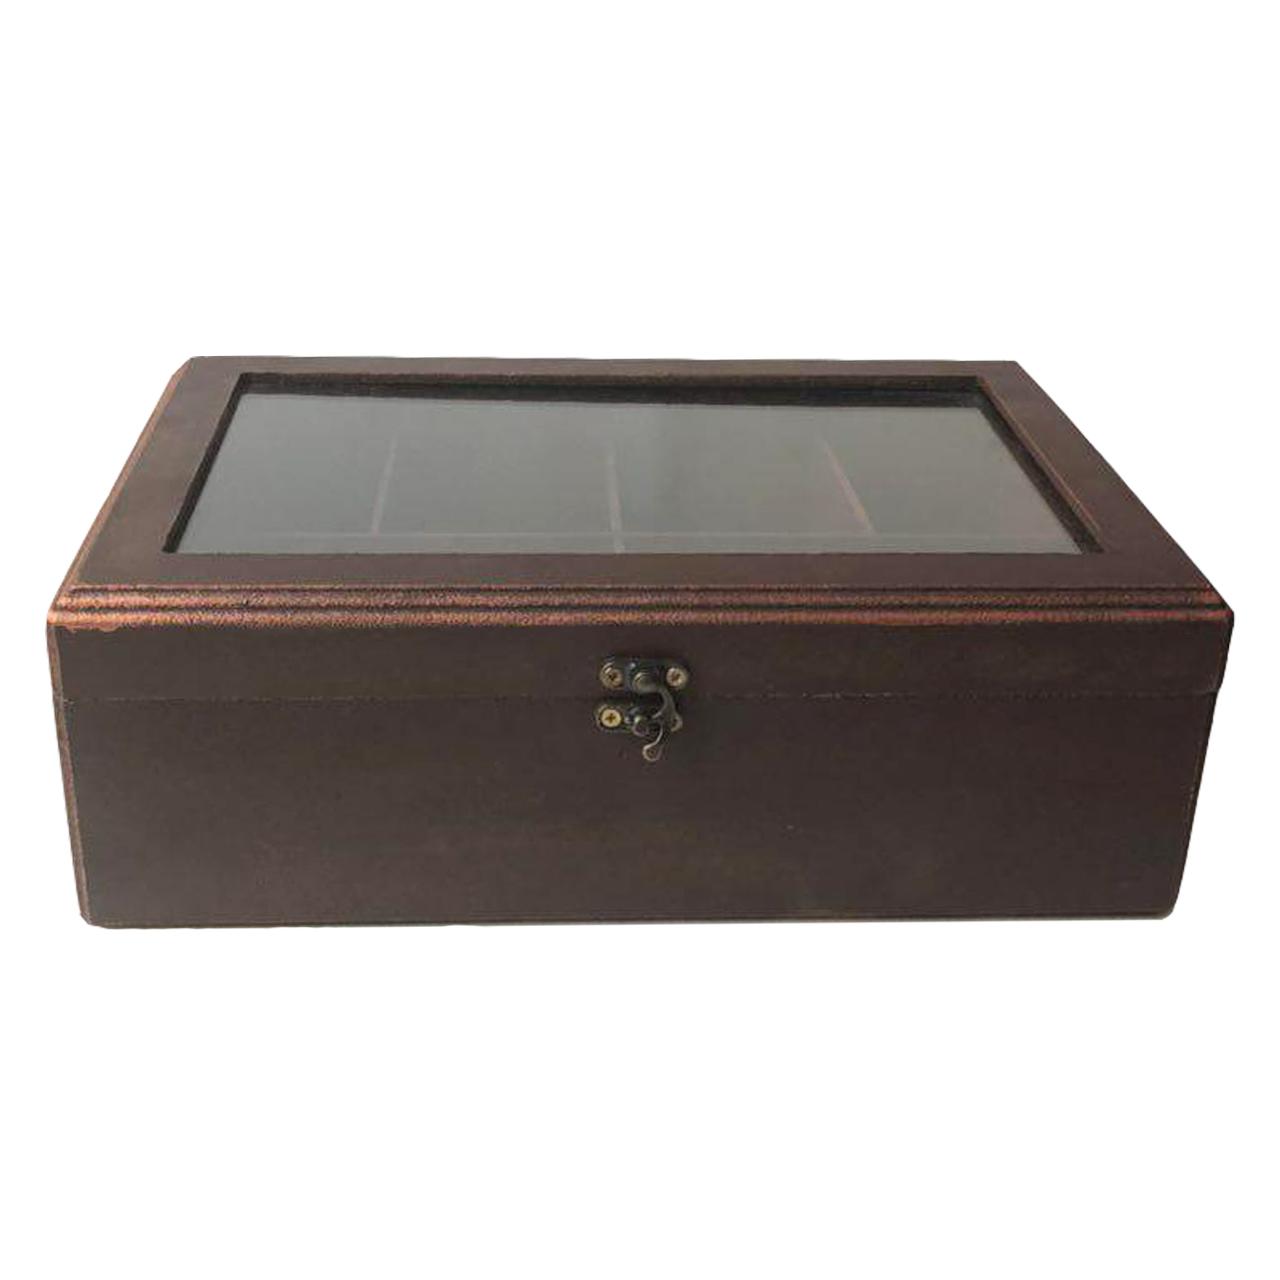 جعبه چای کیسه ای مدل 2211